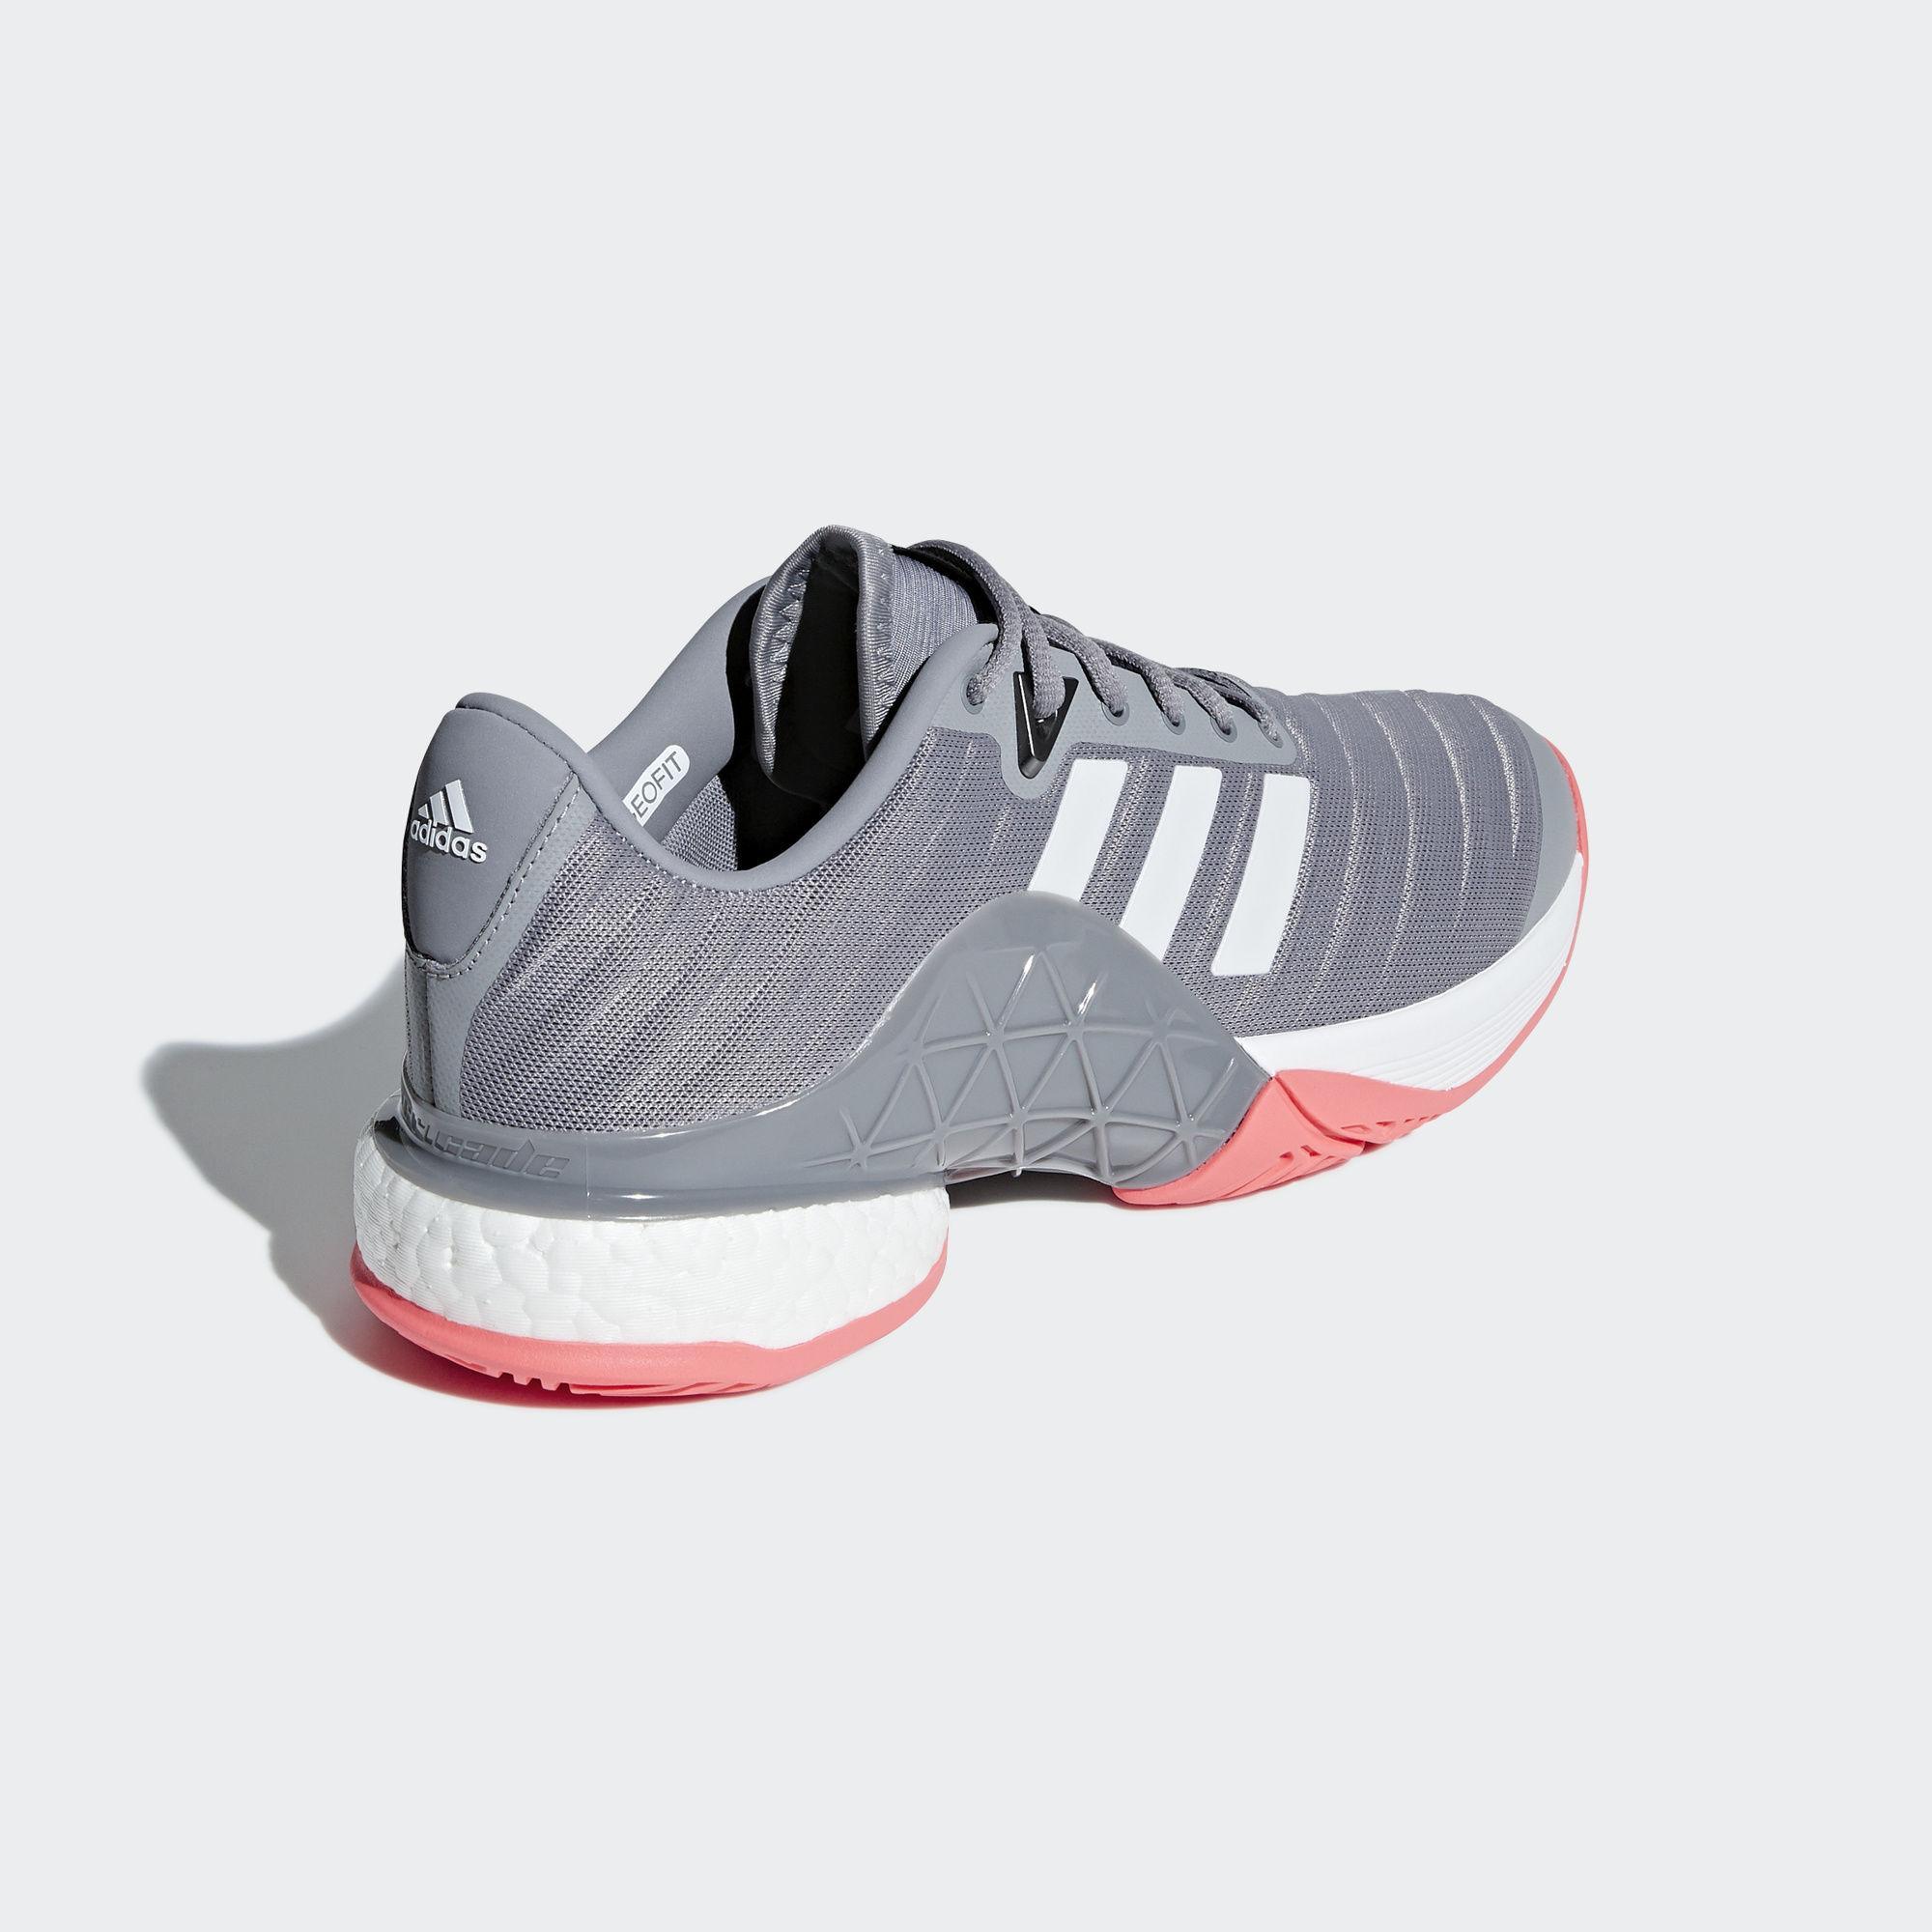 829534d44fdd Adidas Mens Barricade Code Boost 2018 Tennis Shoes Matte Silver